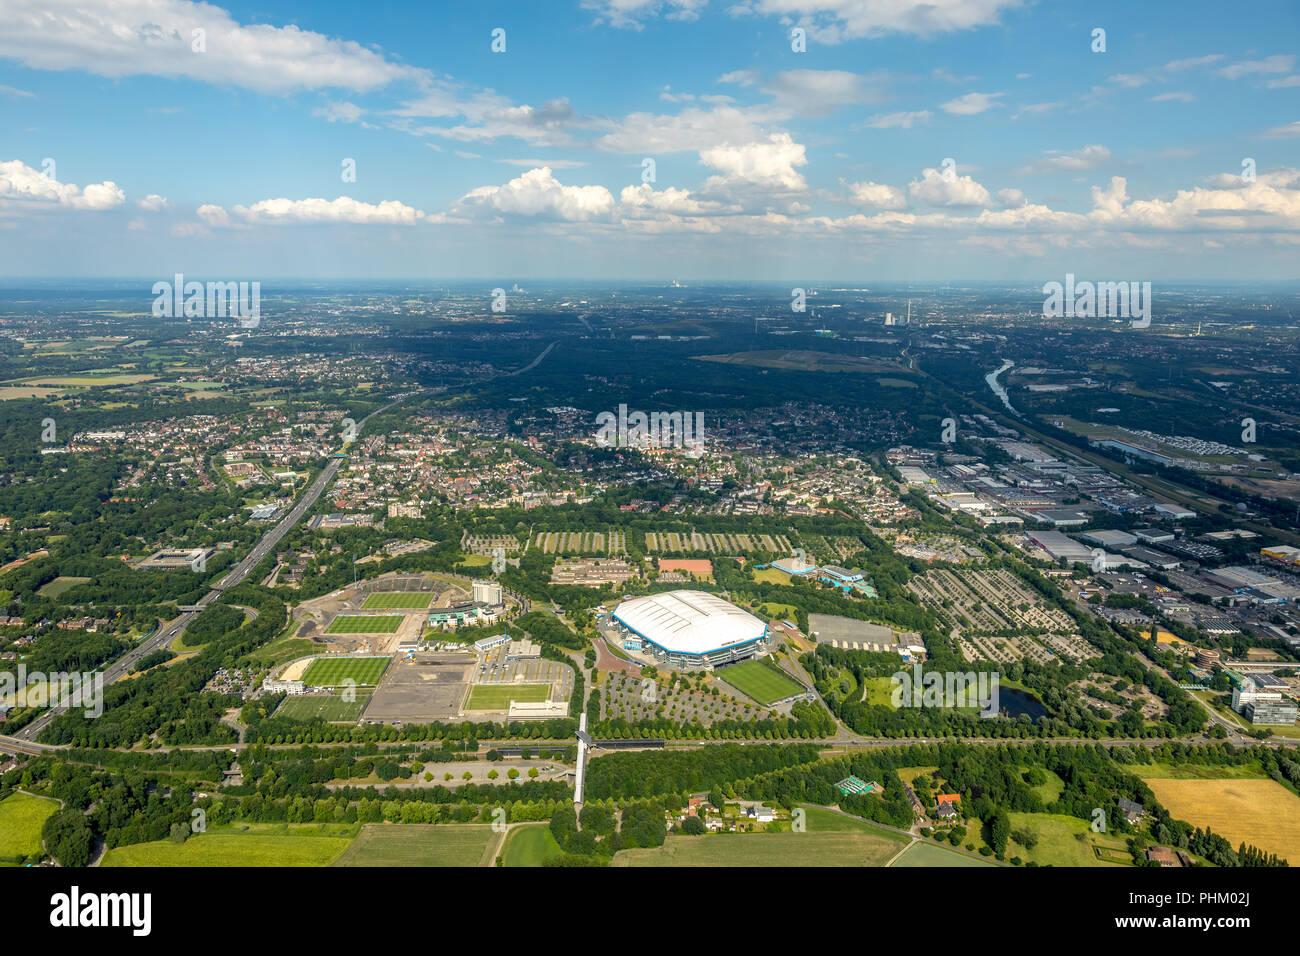 Luftbild, ARENA PARK Gelsenkirchen, Veltins-Arena, Arena AufSchalke in Gelsenkirchen ist das Fußballstadion des deutschen Fußball-Bundesligisten FC Sc - Stock Image